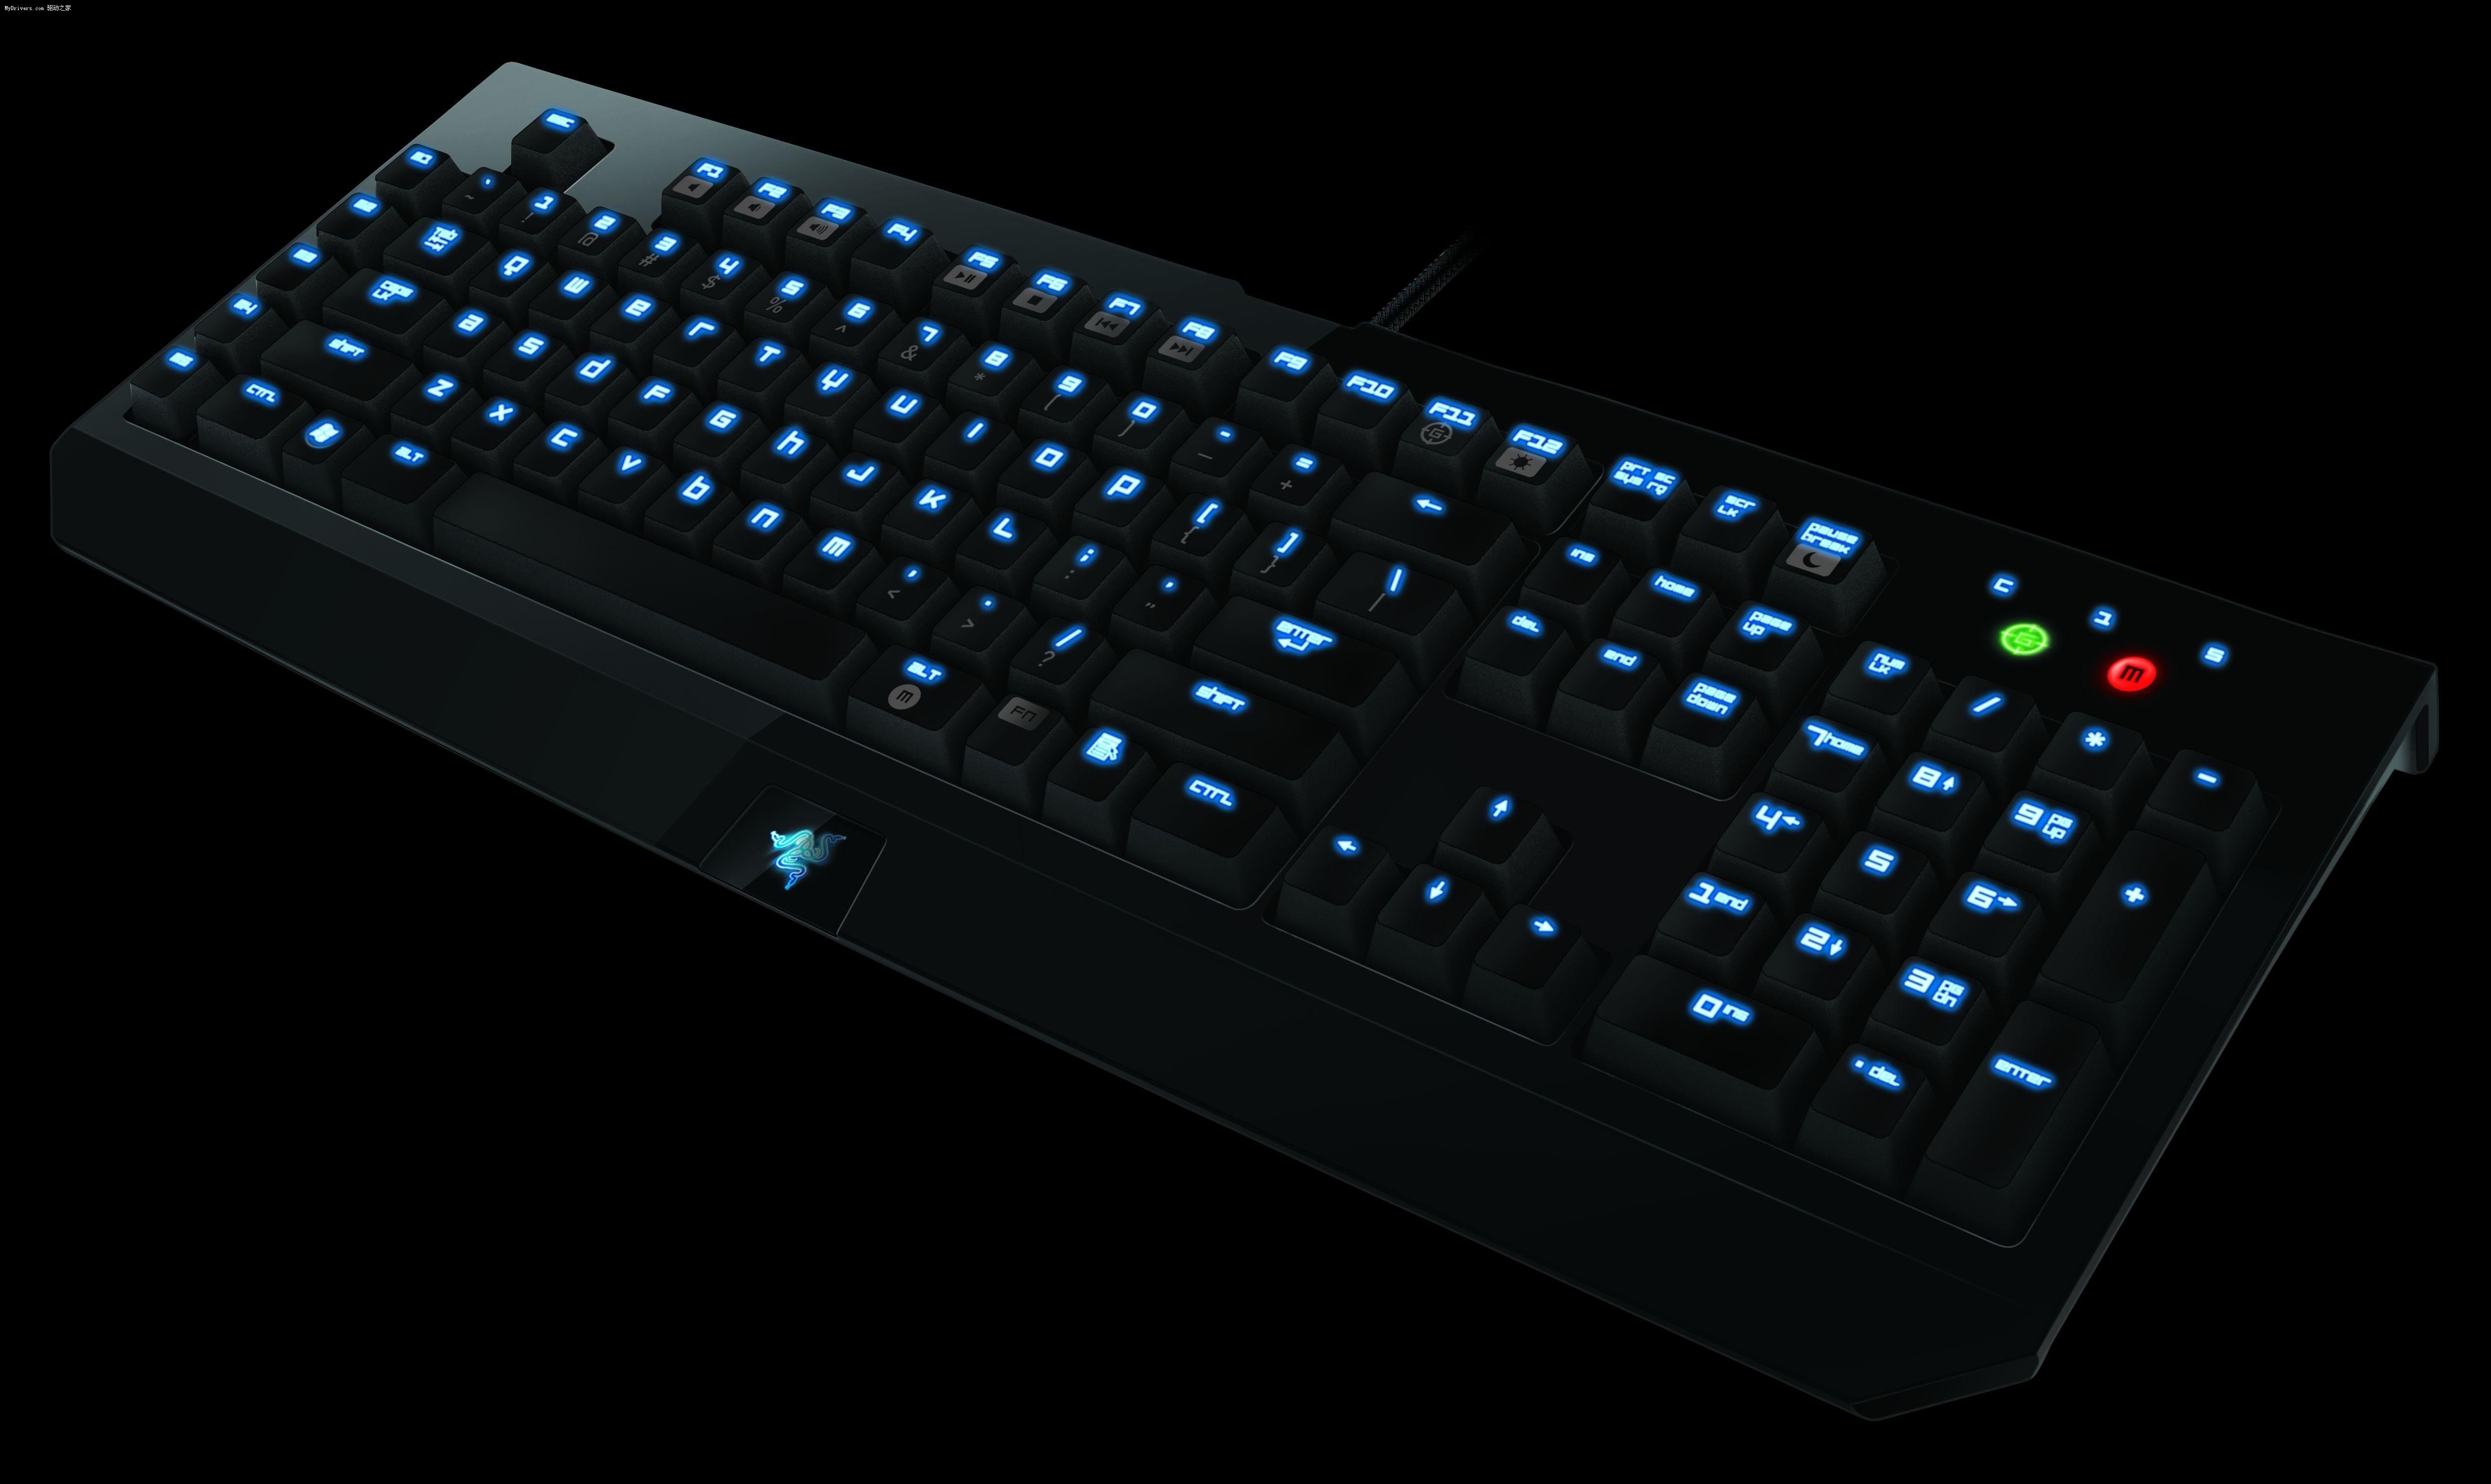 """游戏外设大厂Razer雷蛇今天在德国科隆GamesCom游戏展上发布了游戏键盘新产品BlackWidow黑寡妇,包括两种版本,均采用了机械键盘设计。 Razer表示,目前市面上的大部分高端机械游戏键盘其实都只是标准机械键盘,并未对游戏进行专门设计,线性按键容易引起触发缓慢的问题。这导致很多职业玩家仍然坚持使用普通薄膜键盘。而Razer耗时3年,重新针对游戏需求,对机械键盘结构进行了优化,才打造出了BlackWidow黑寡妇键盘。 Razer并未公布黑寡妇具体使用的""""轴""""类型,但表示"""